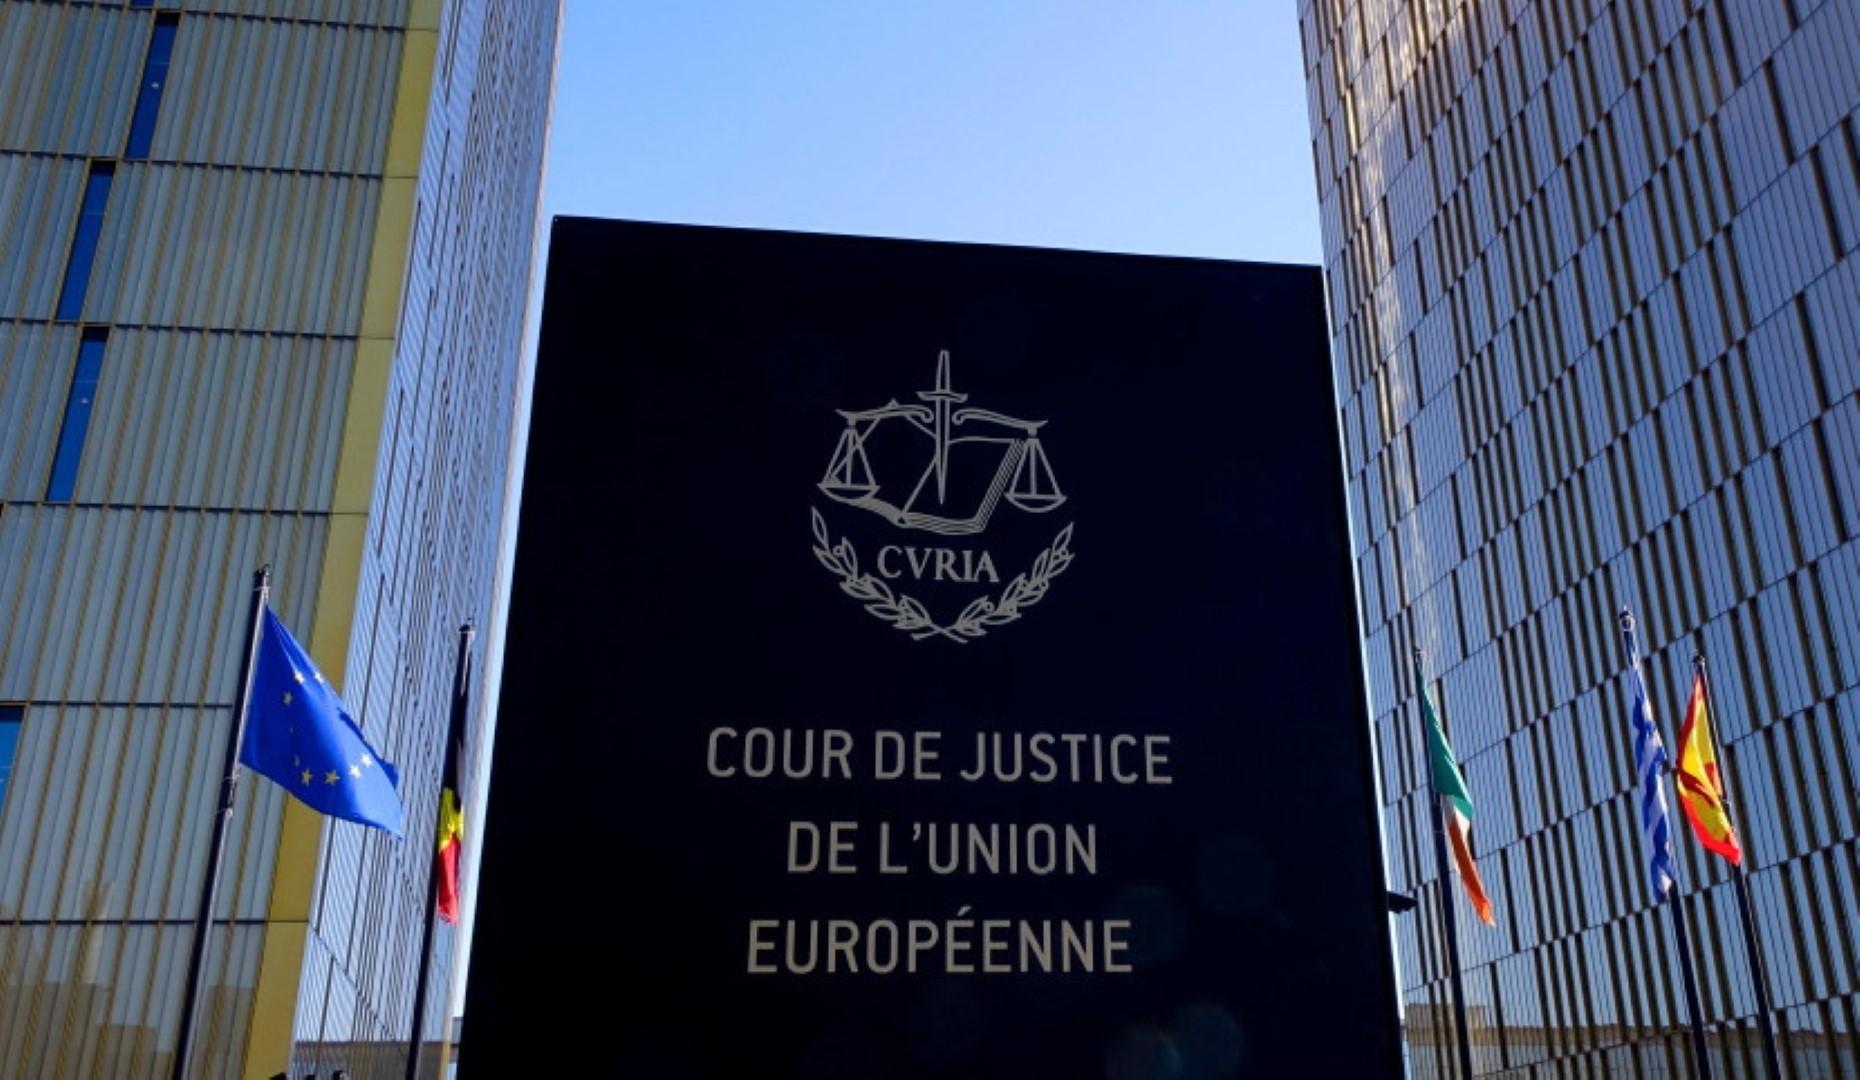 apple corte di giustizia europea